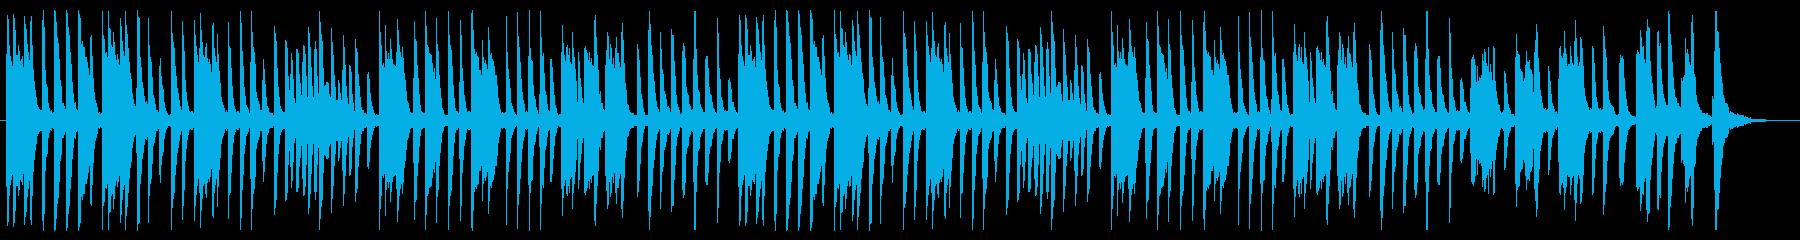 ピアノ主体のポップスBGMの再生済みの波形